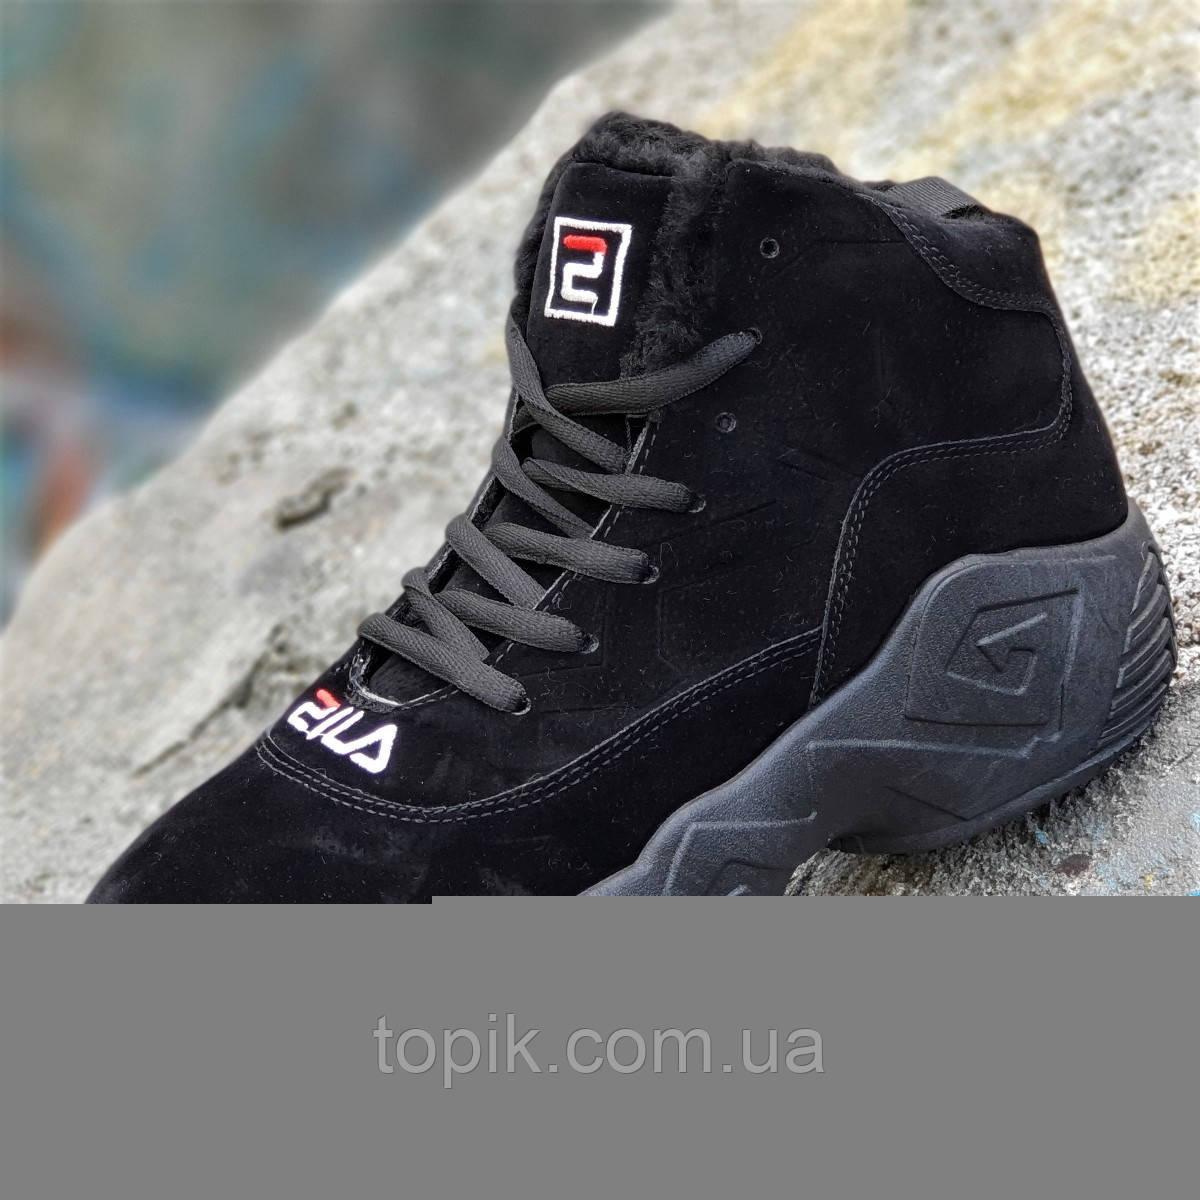 Зимние черные кроссовки в стиле FILA на платформе женские, подростковые унисекс на высокой подошве (Код: 1263)